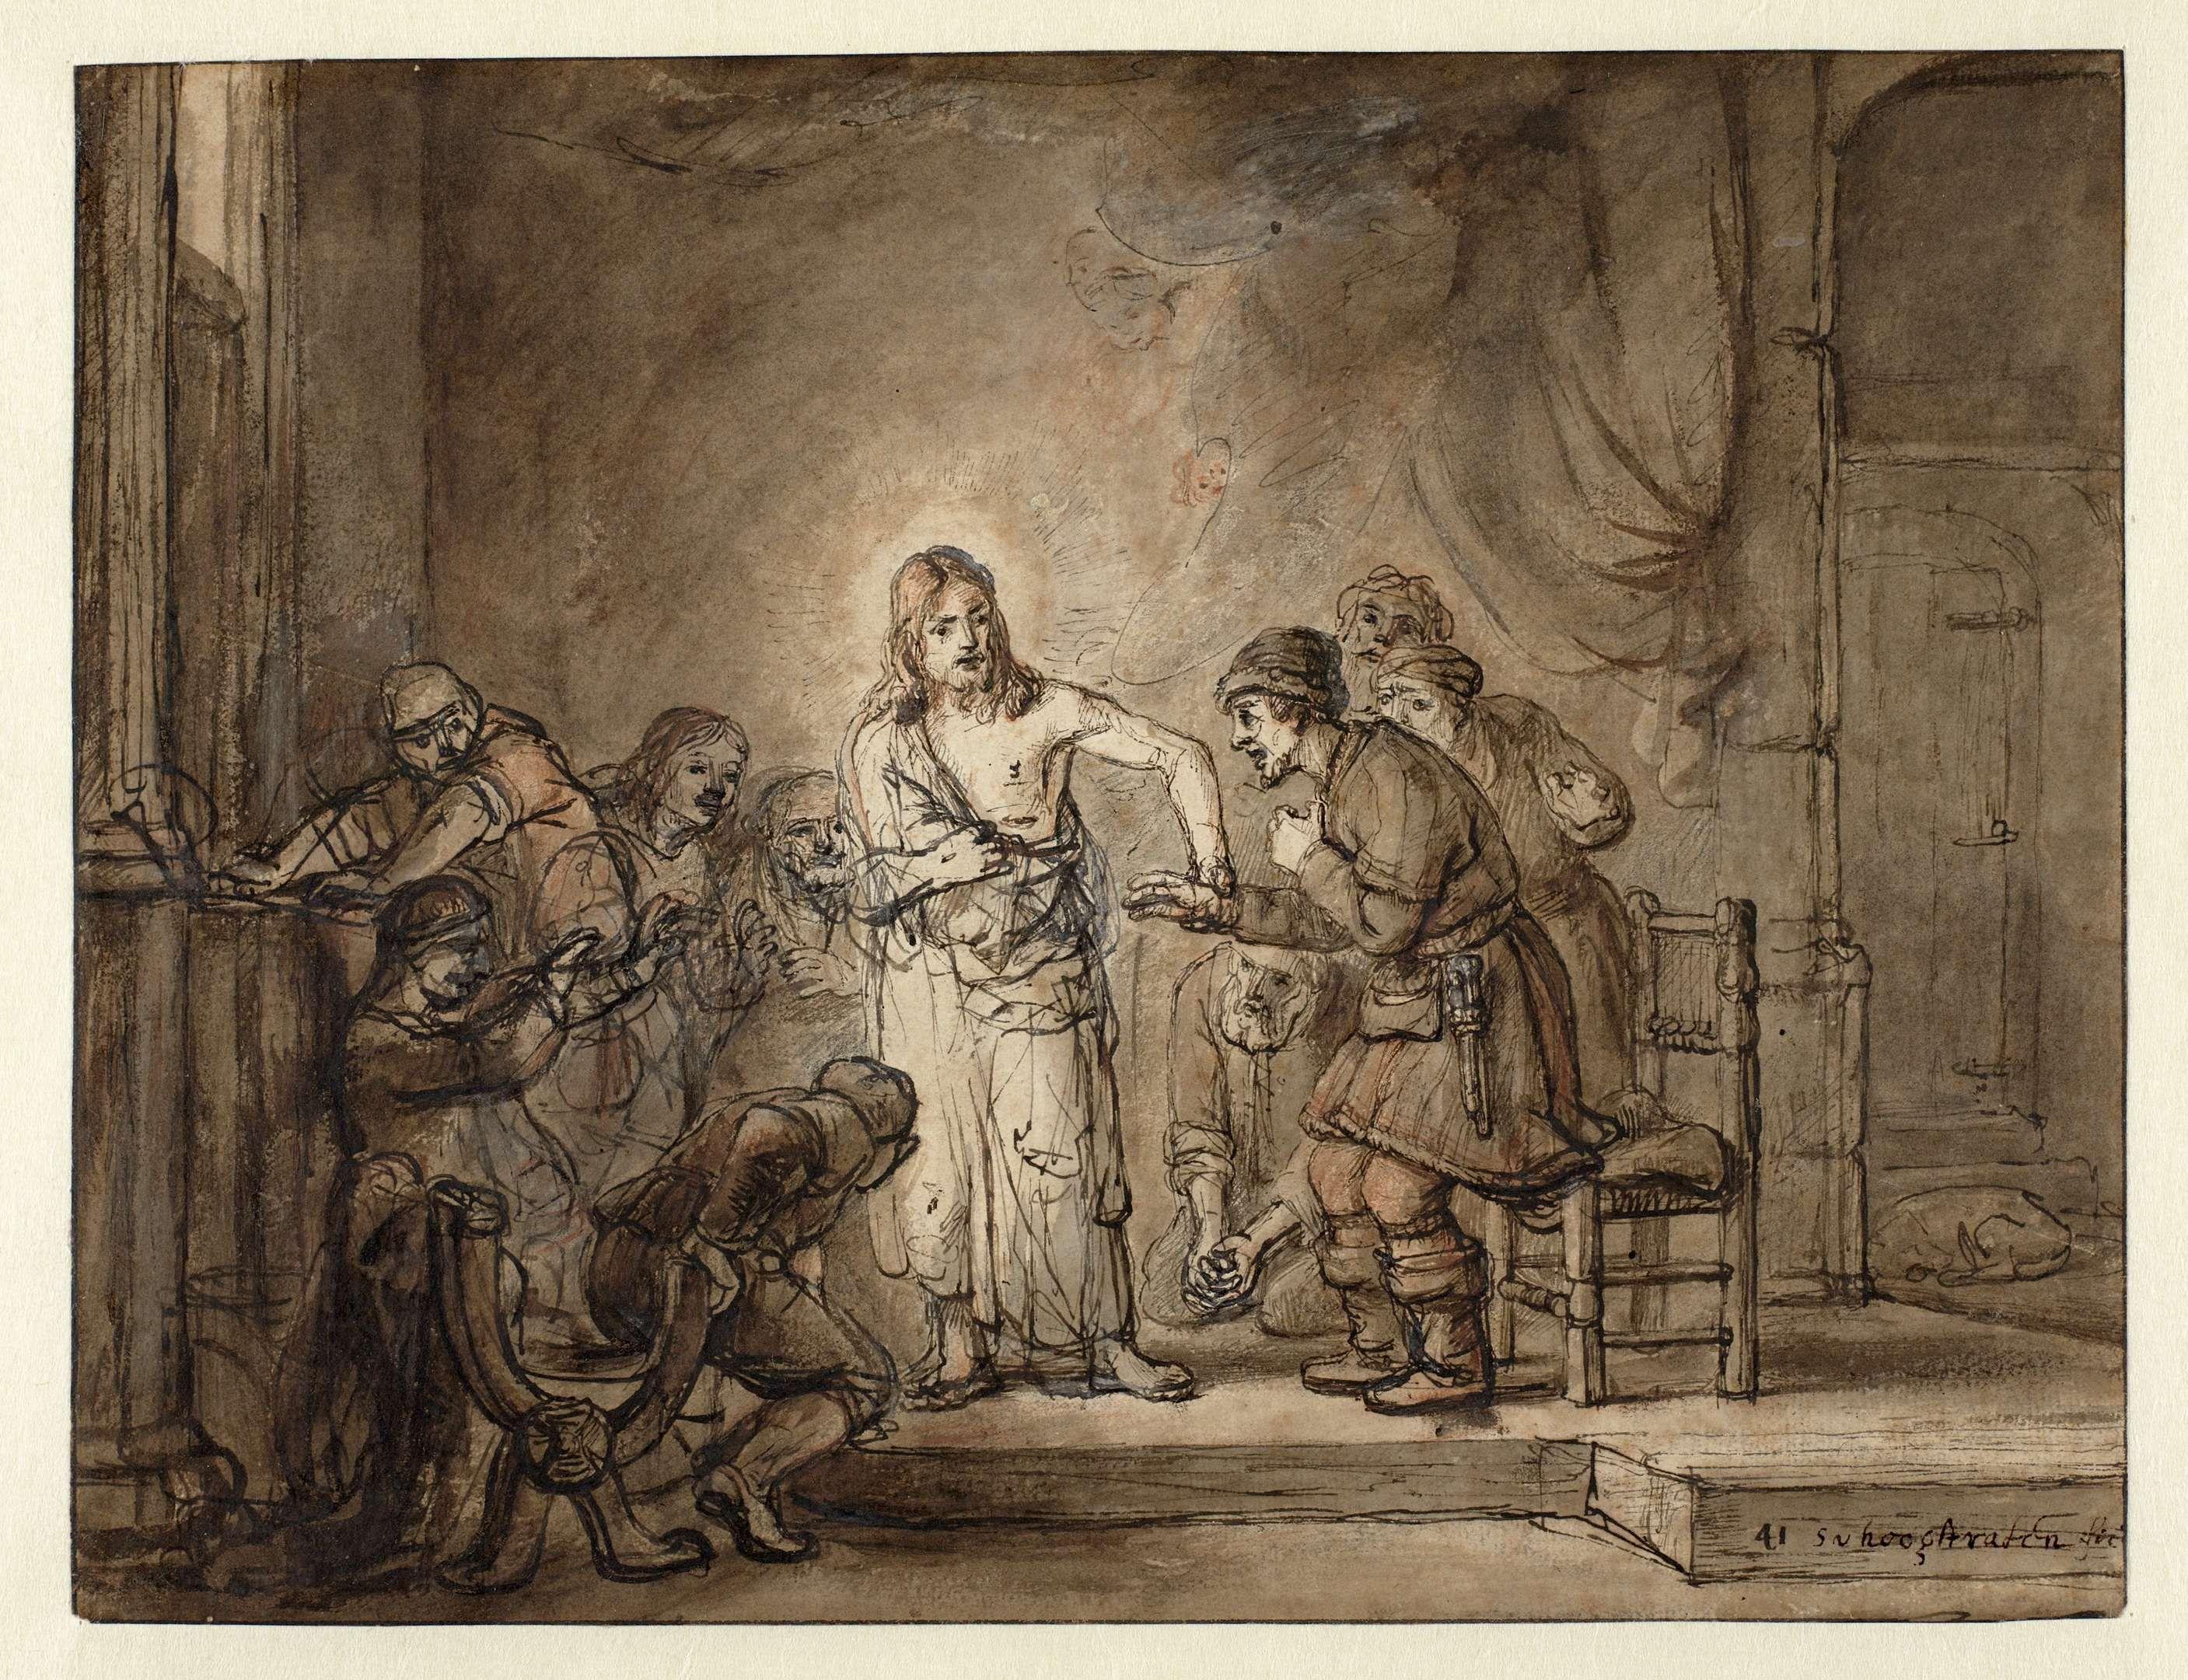 Samuel van Hoogstraten   De ongelovige Thomas, Samuel van Hoogstraten, c. 1648 - c. 1649  